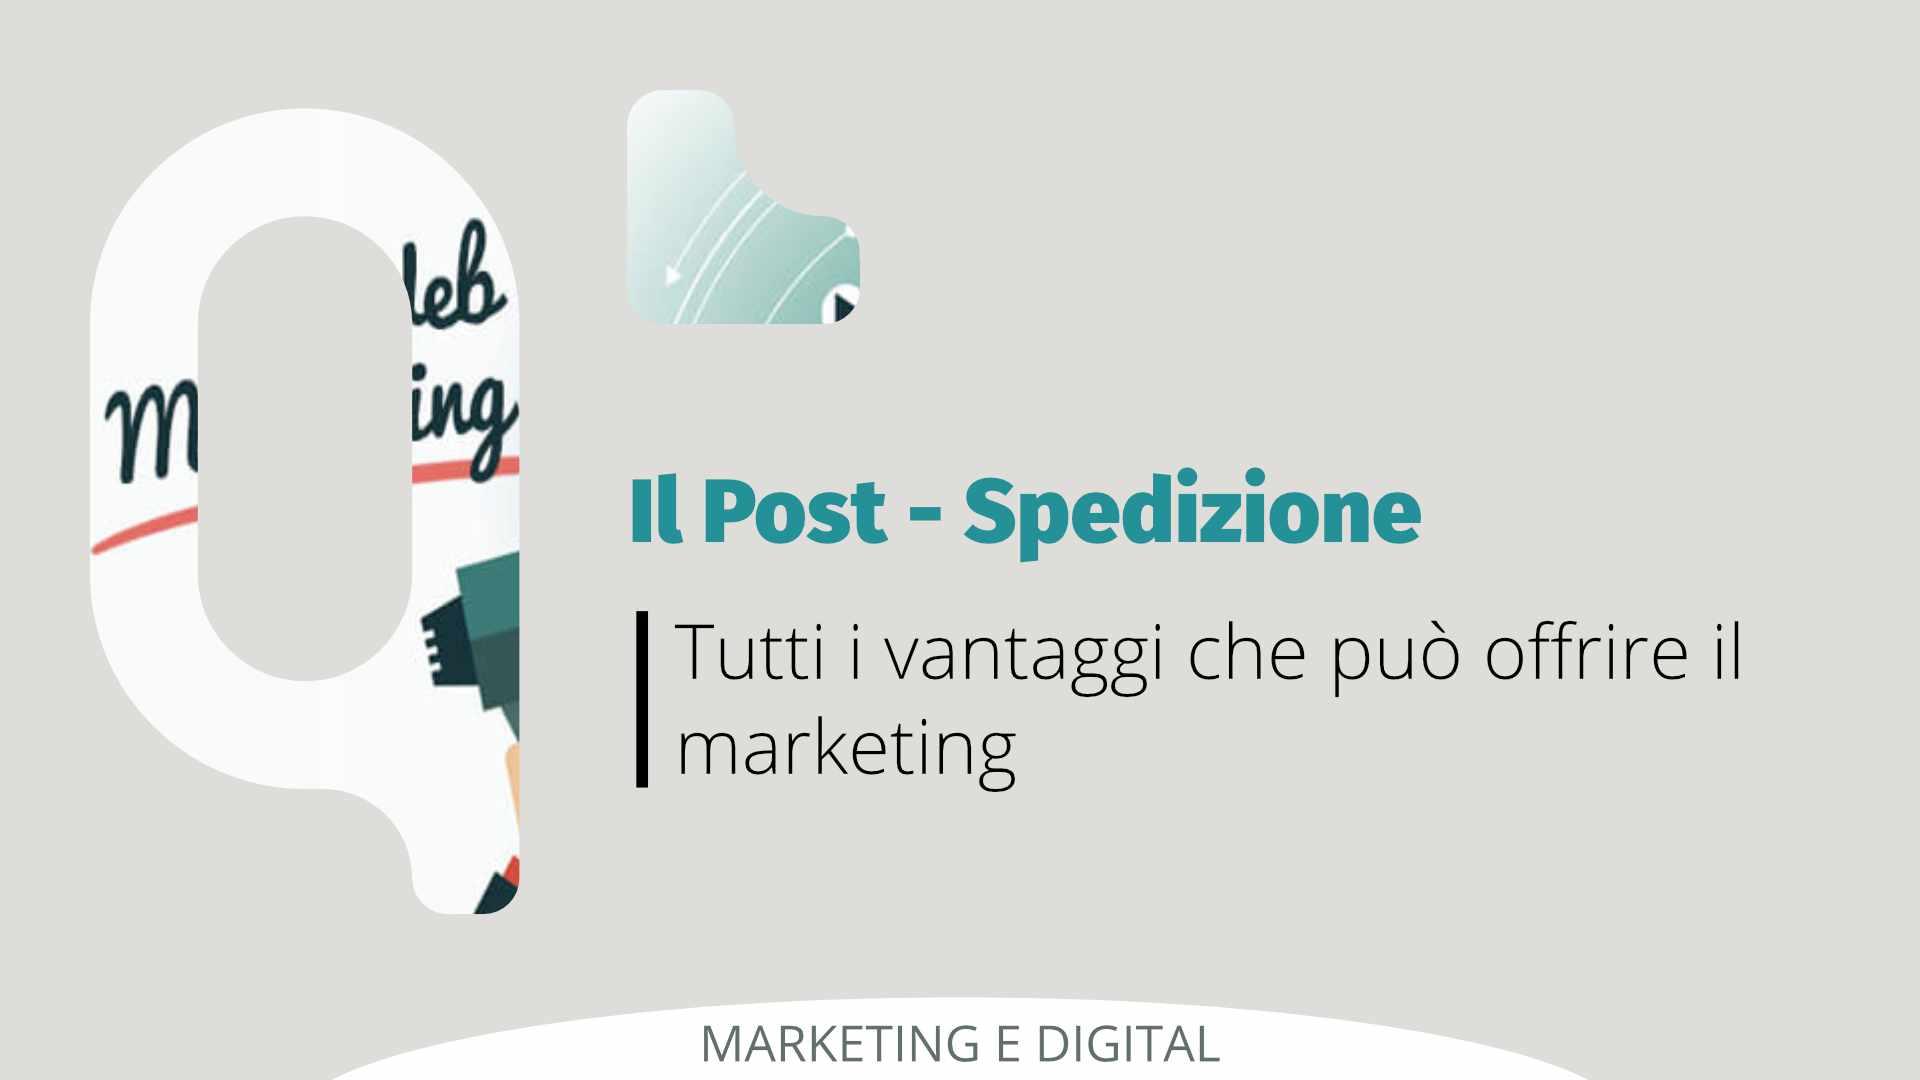 Opportunità di marketing nel post spedizione